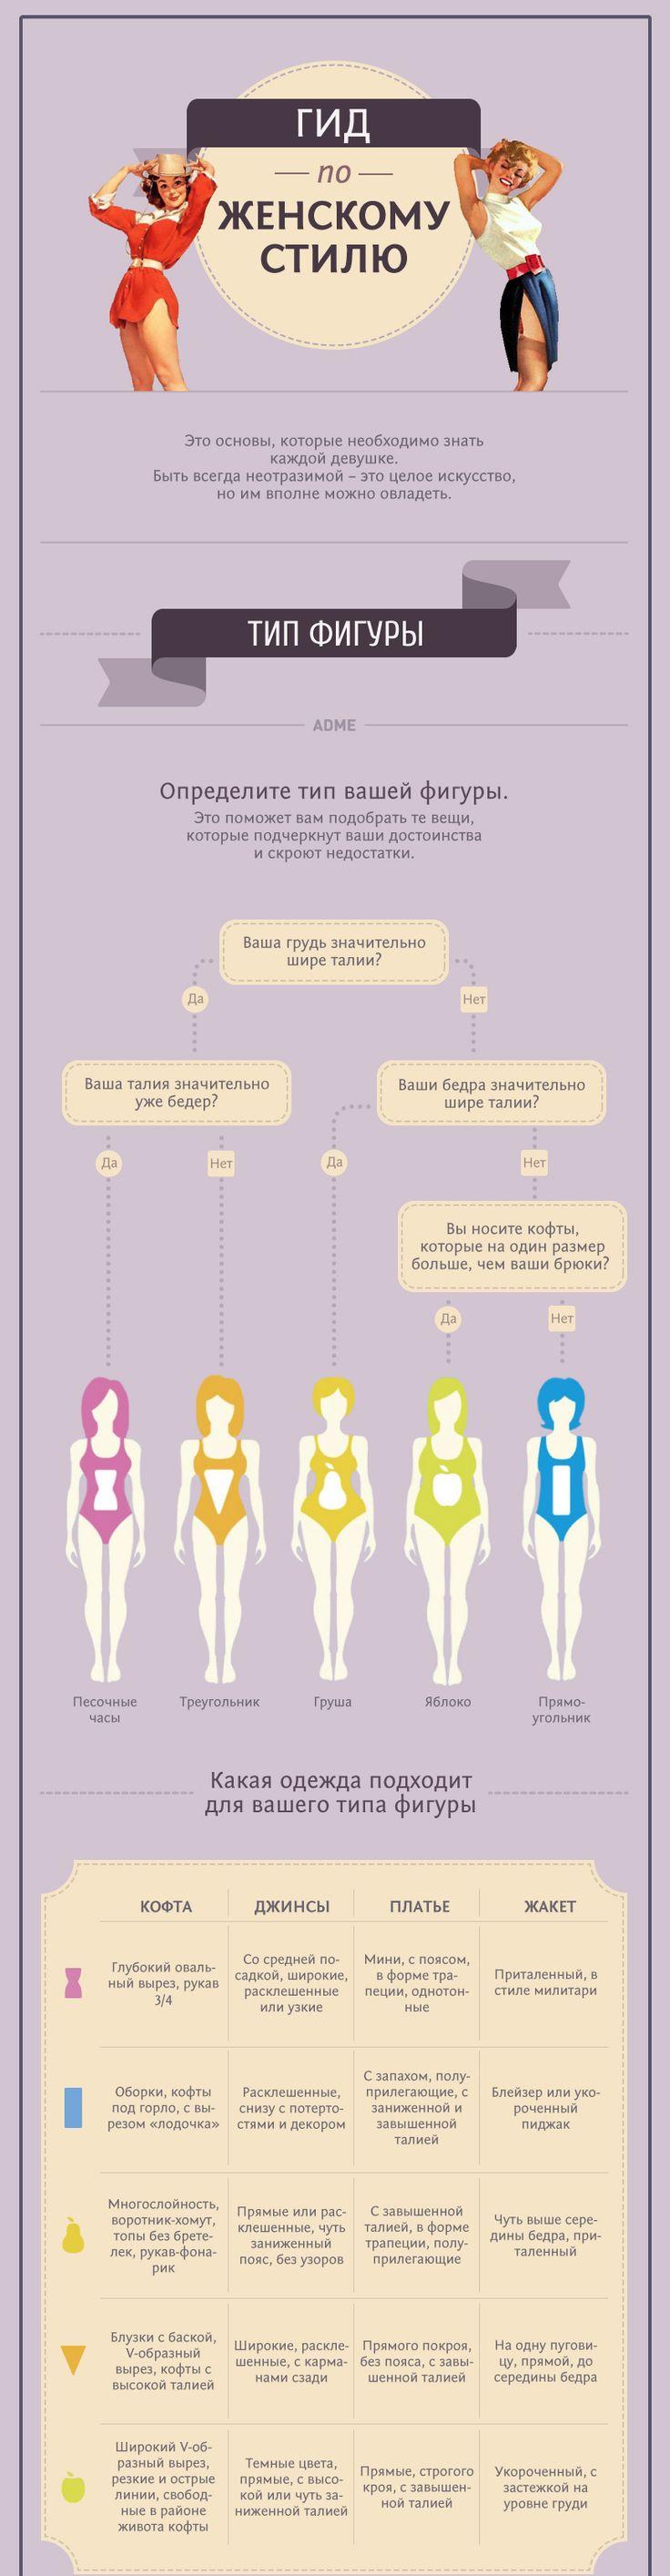 Инфографика в маркетинге Самый полный гид поженскому стилю AdMe.ru собрал в этой инфографике 25 самых дельных советов для девушек, которые хотят всегда выглядеть на отлично. Читайте, запоминайте и действуйте.